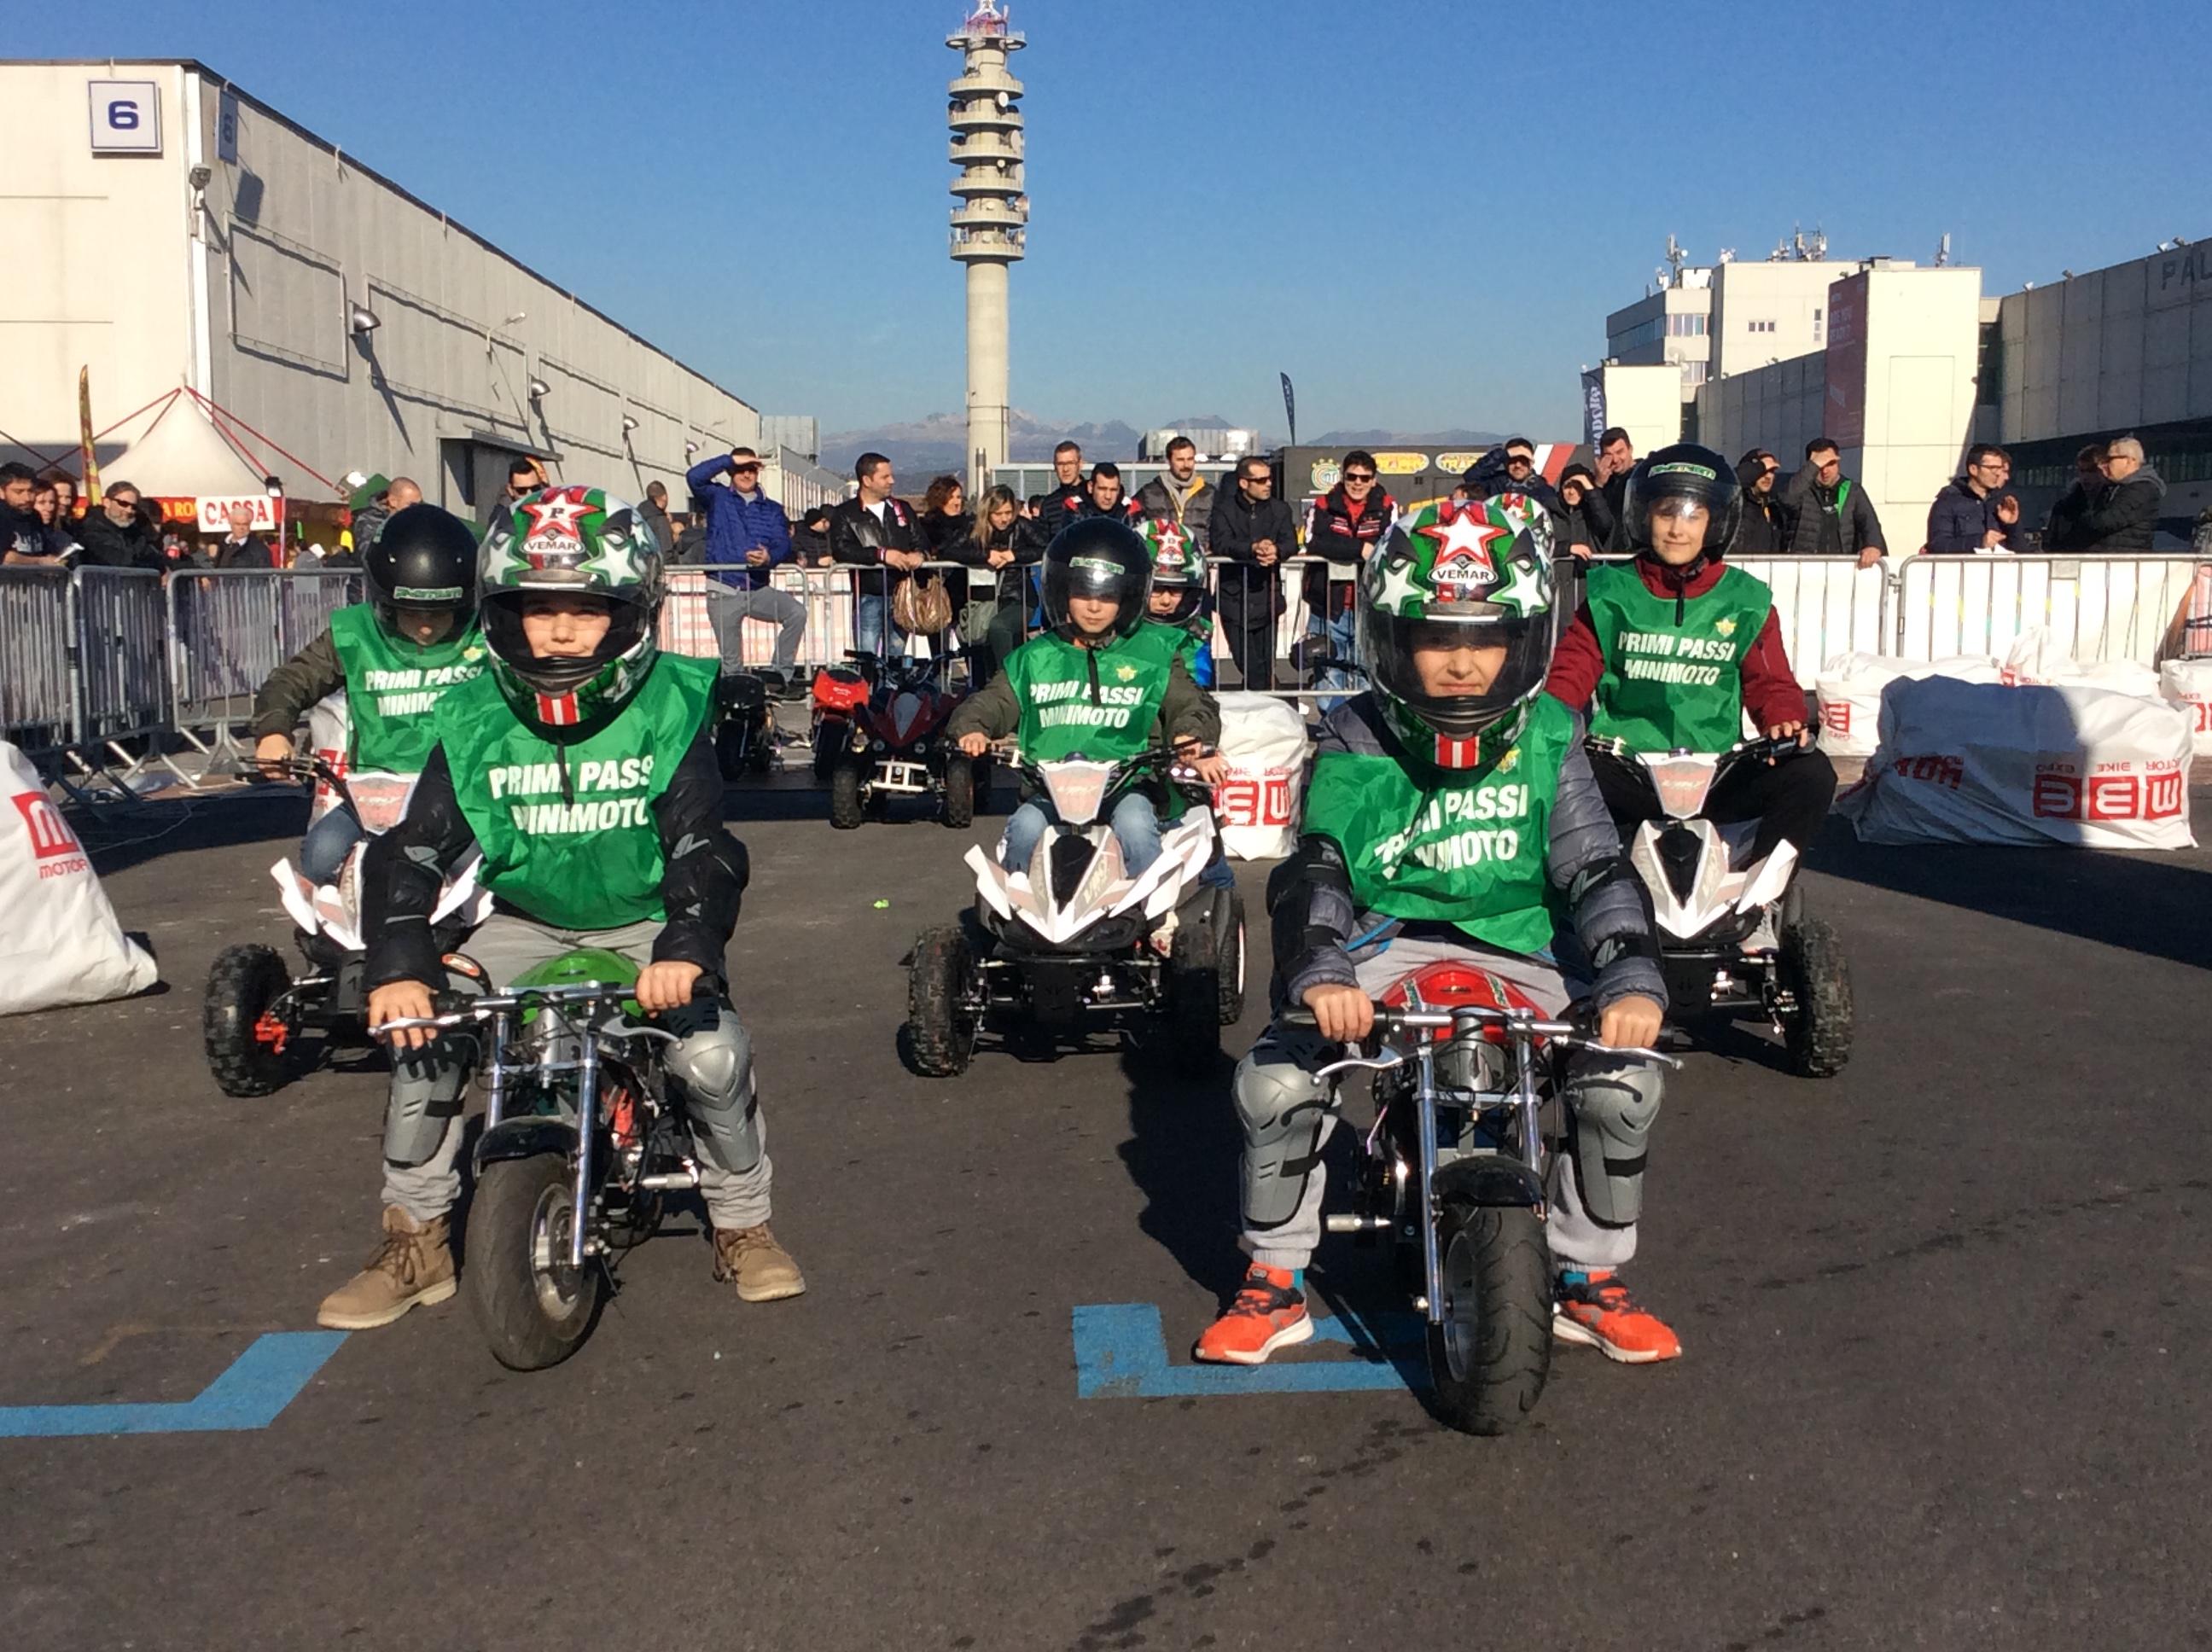 Federazione Motociclistica Italiana Motor Bike Expo La